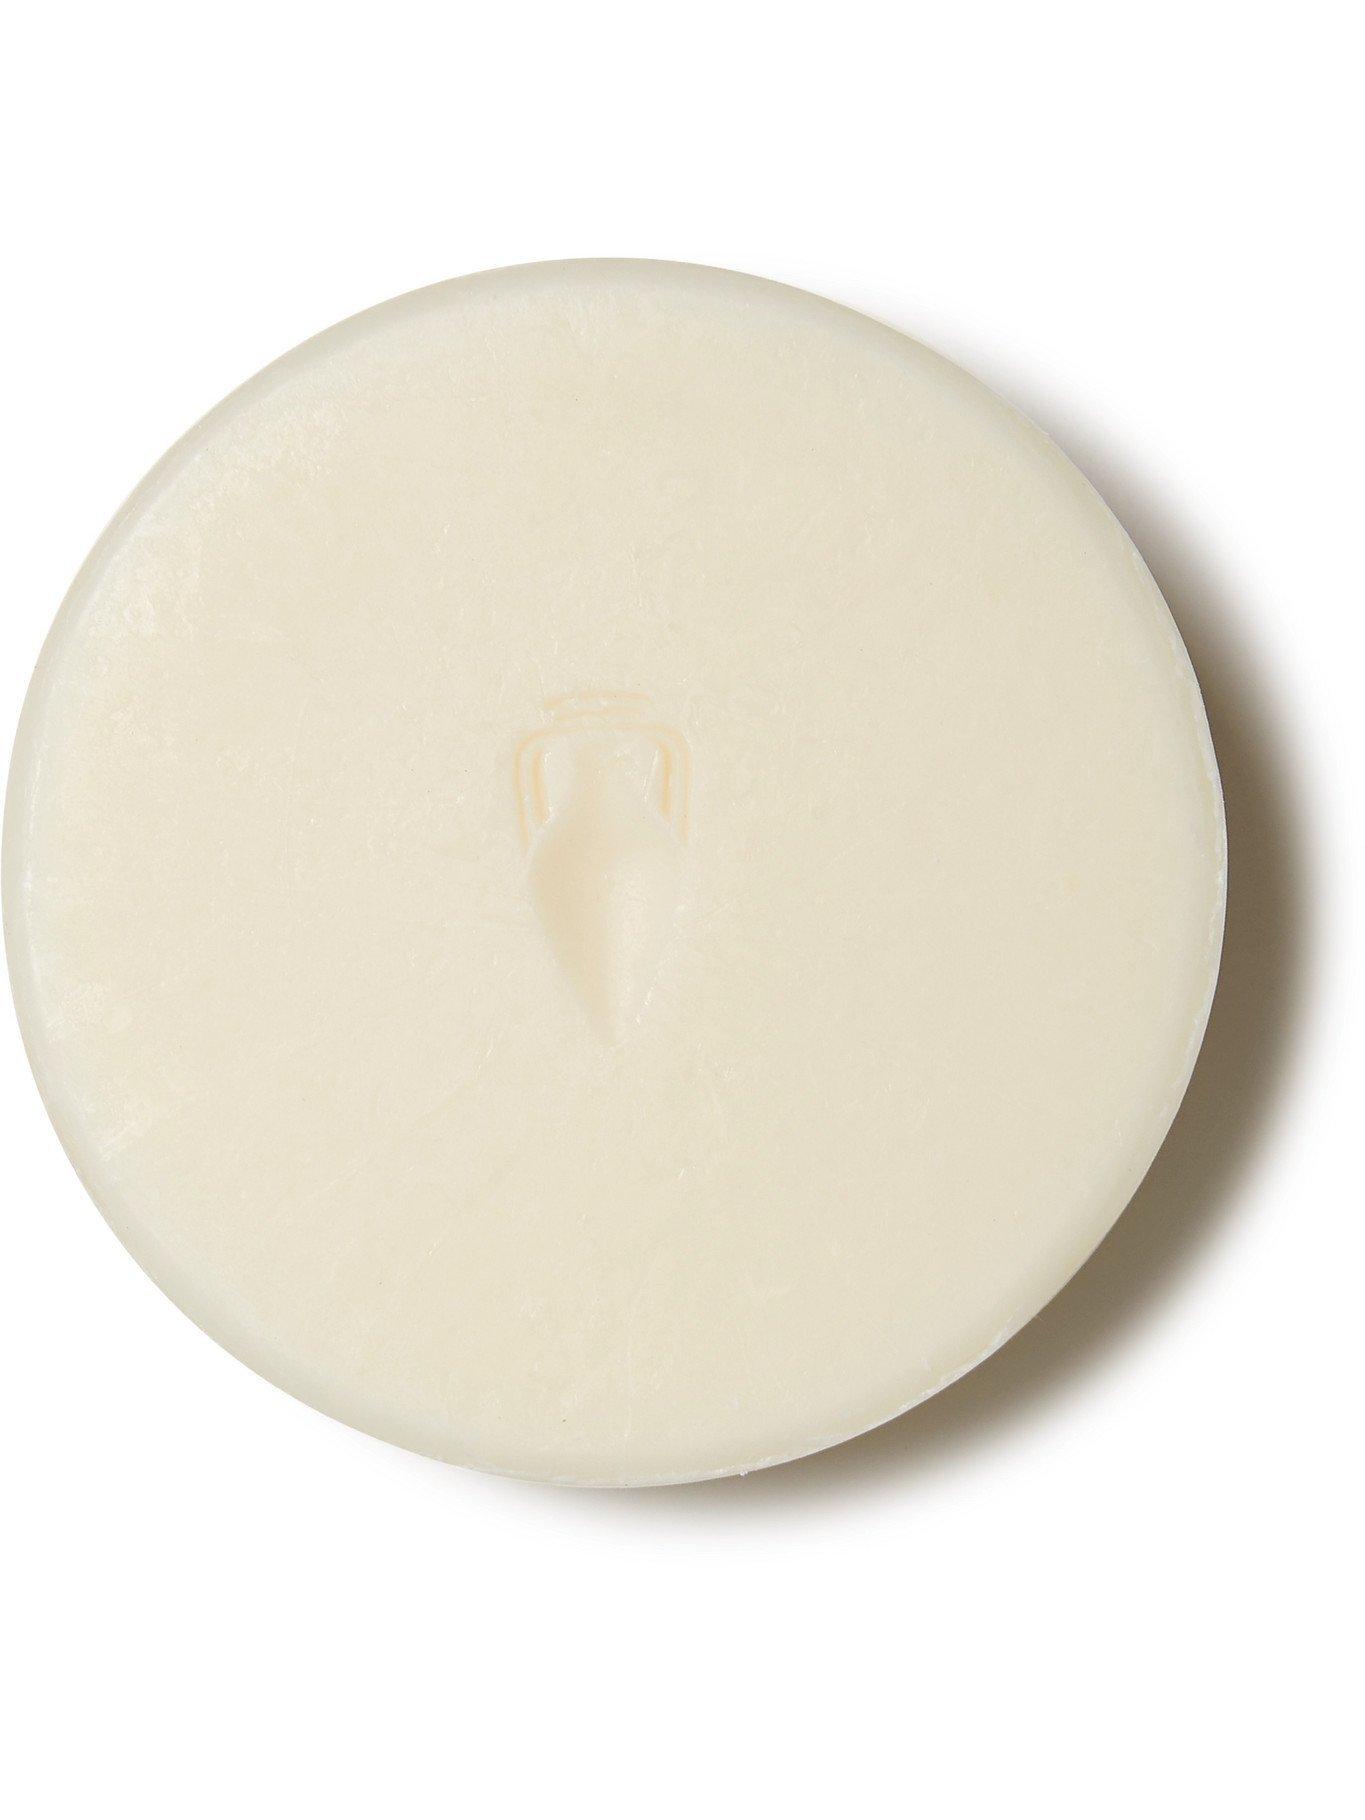 Photo: L'OBJET - Rose Noire Bar Soap, 125g